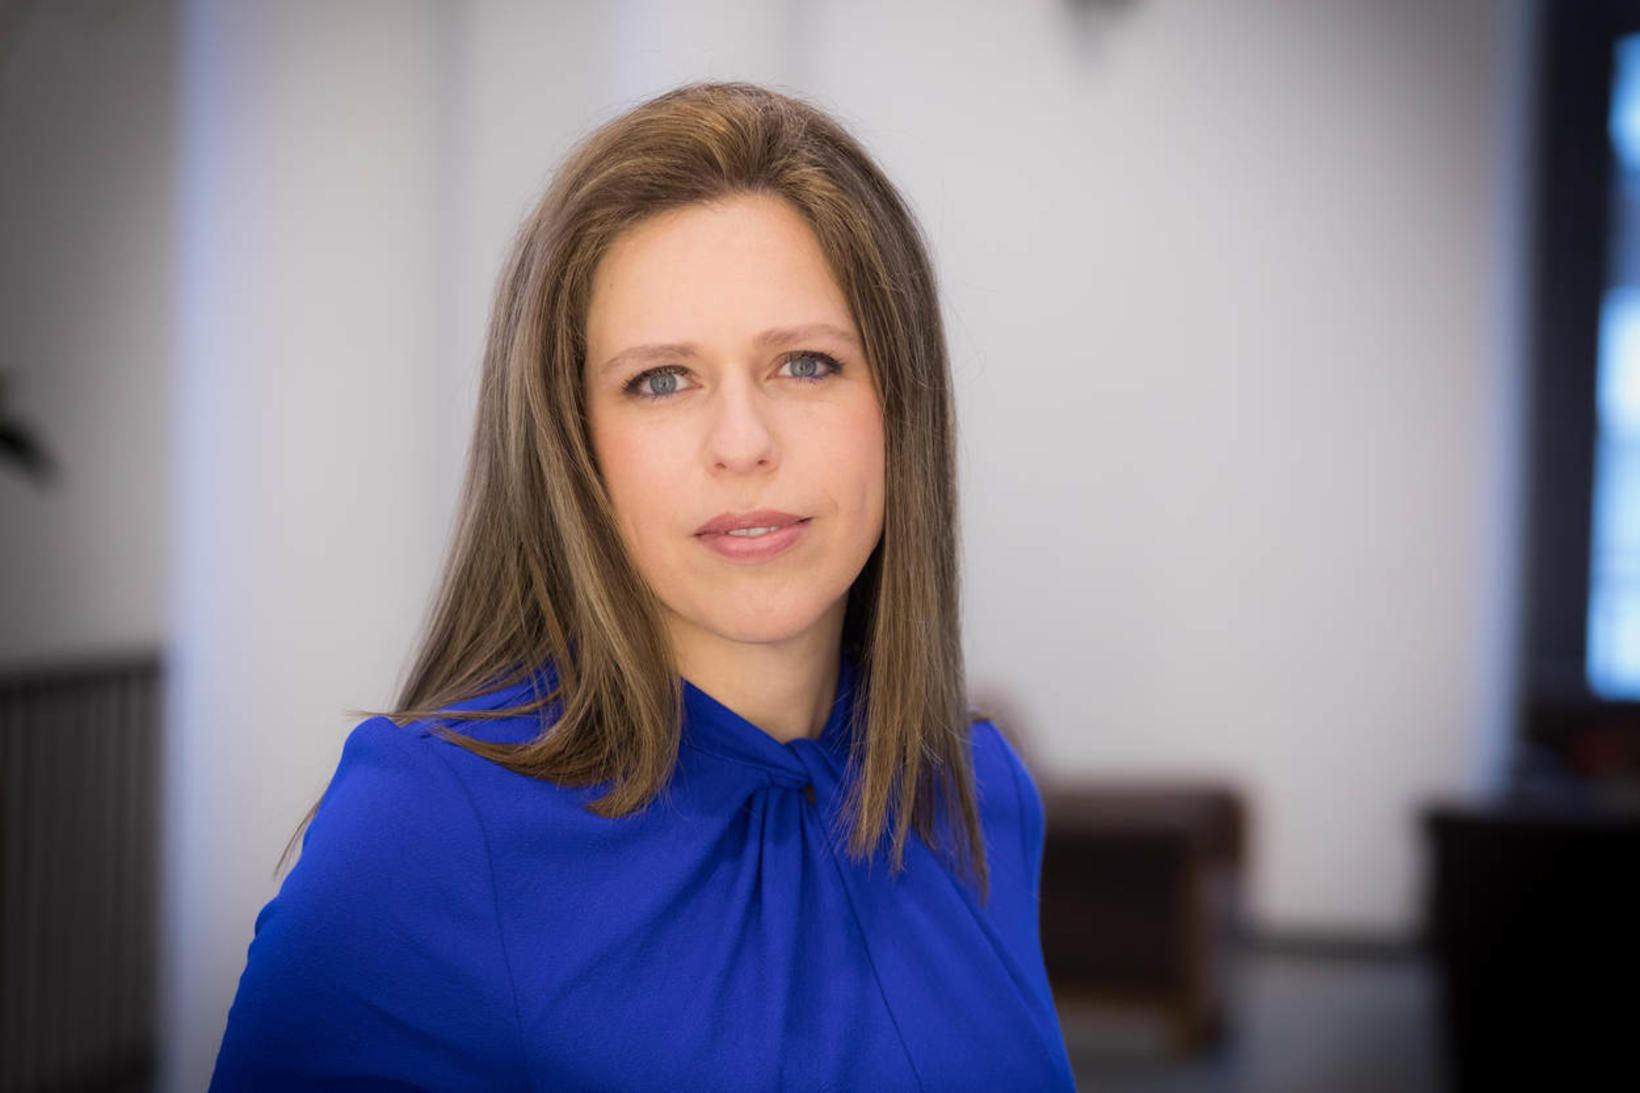 Carola Schouten, sjávarútvegsráðherra Hollands, vill leita til framkvæmdastjórnar Evrópusambandsins í …